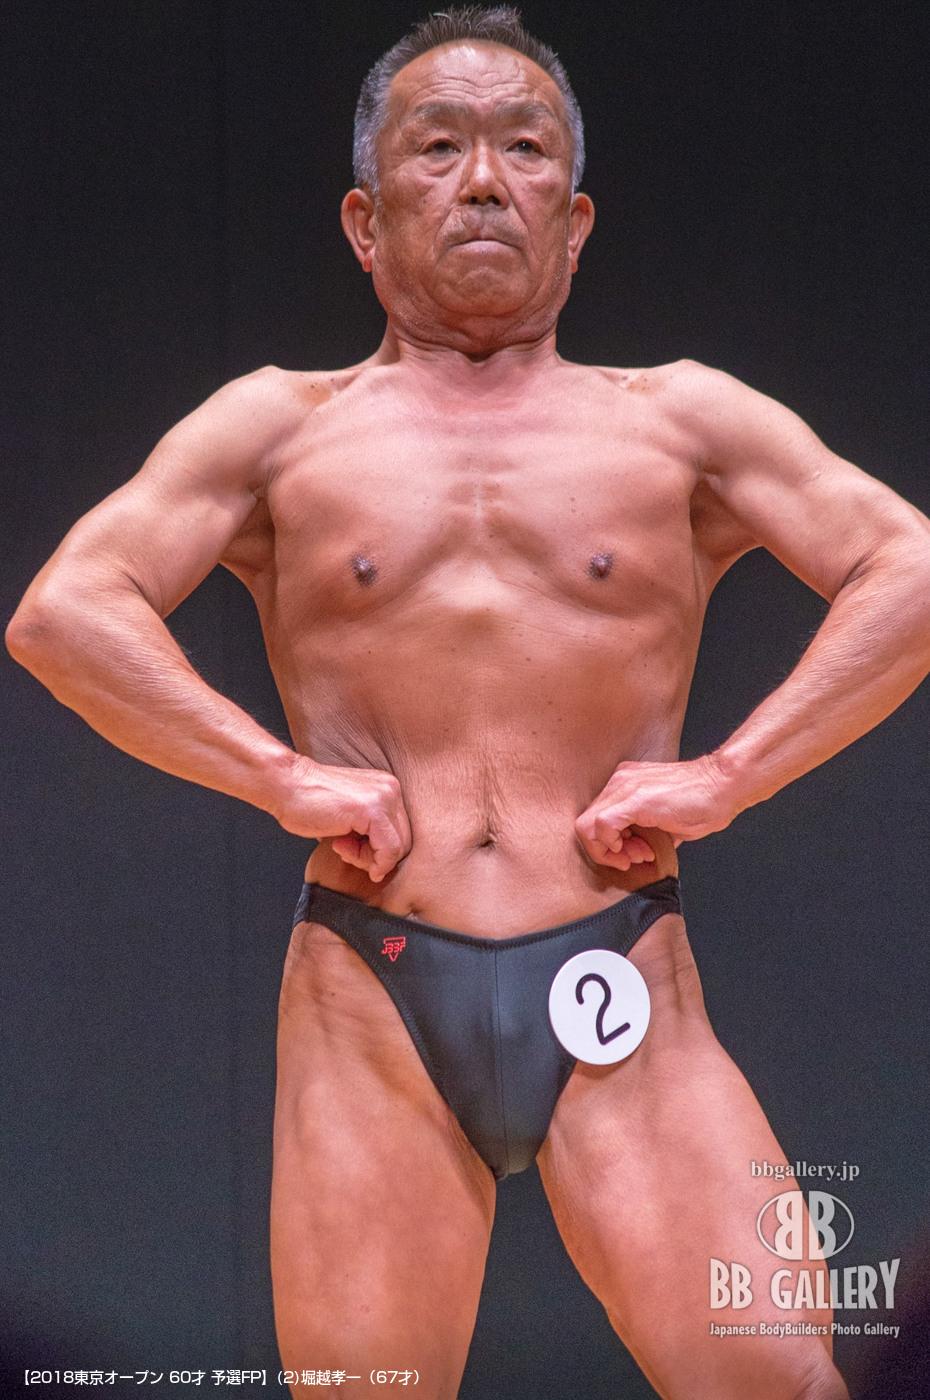 【2018東京オープン 60才 予選FP】(2)堀越孝一(67才)